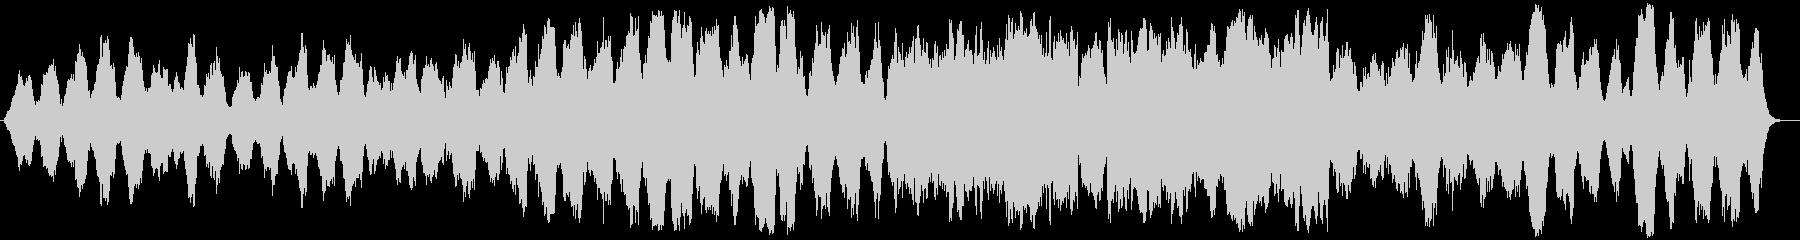 切ないピアノメインのクラシック風の未再生の波形